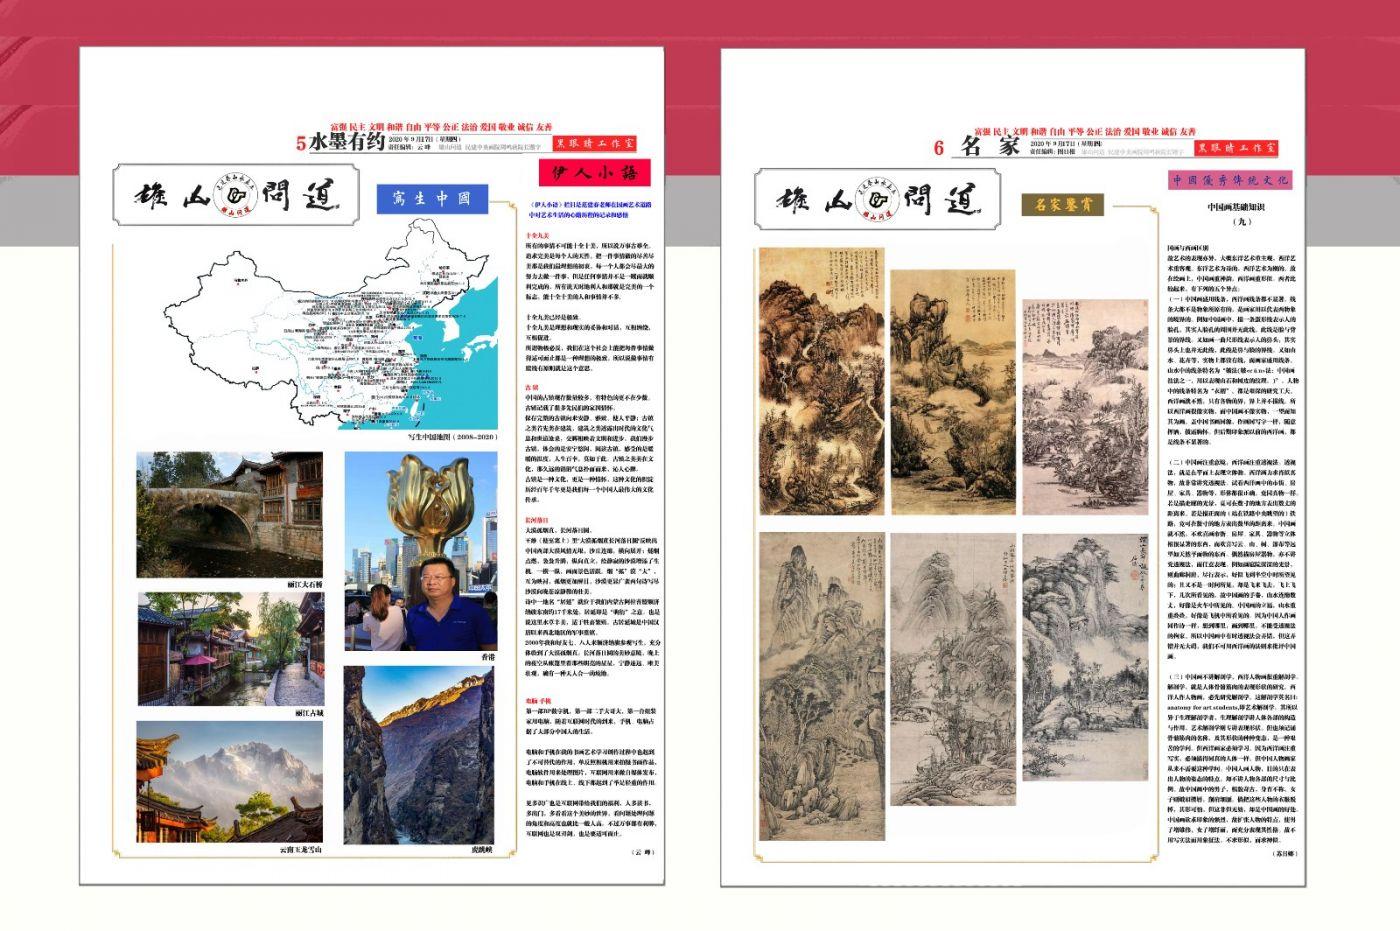 漠墨园艺术数字平台   总第六期_图1-2